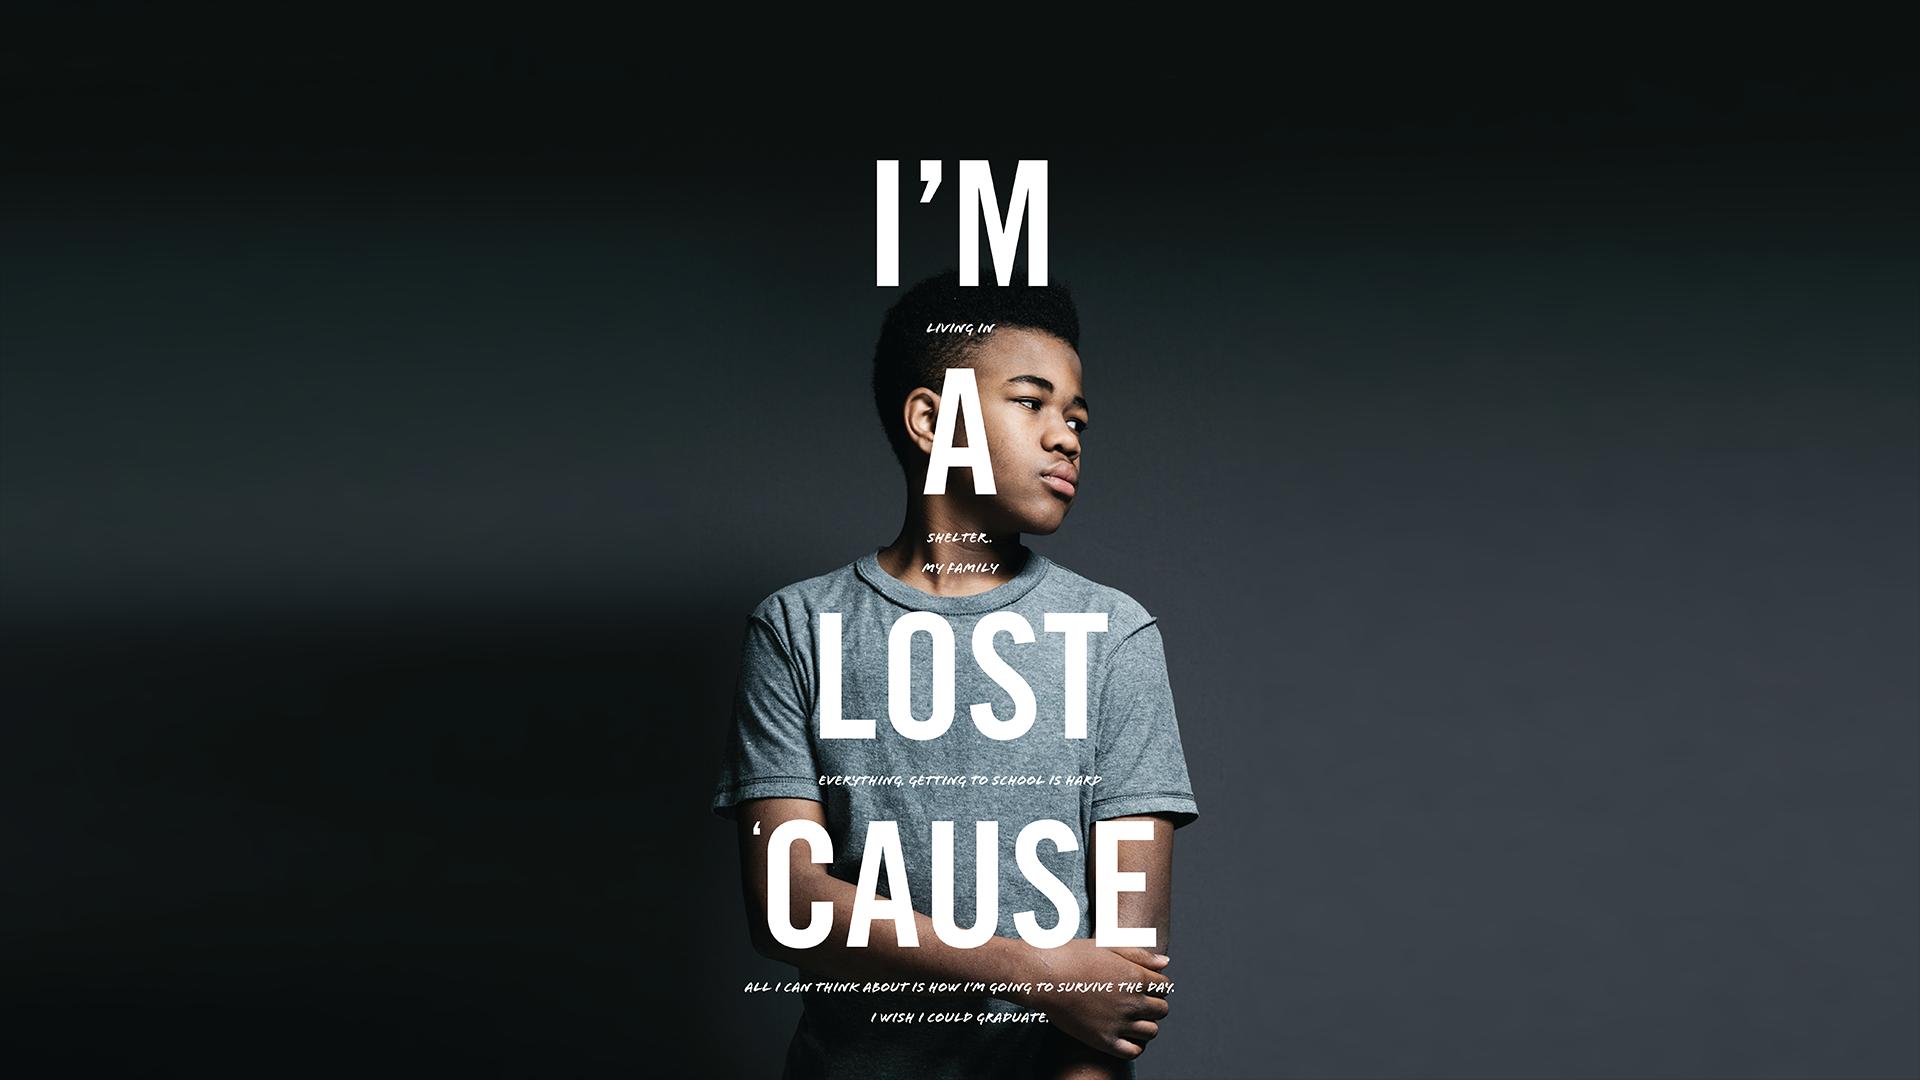 Im a lost cause sm